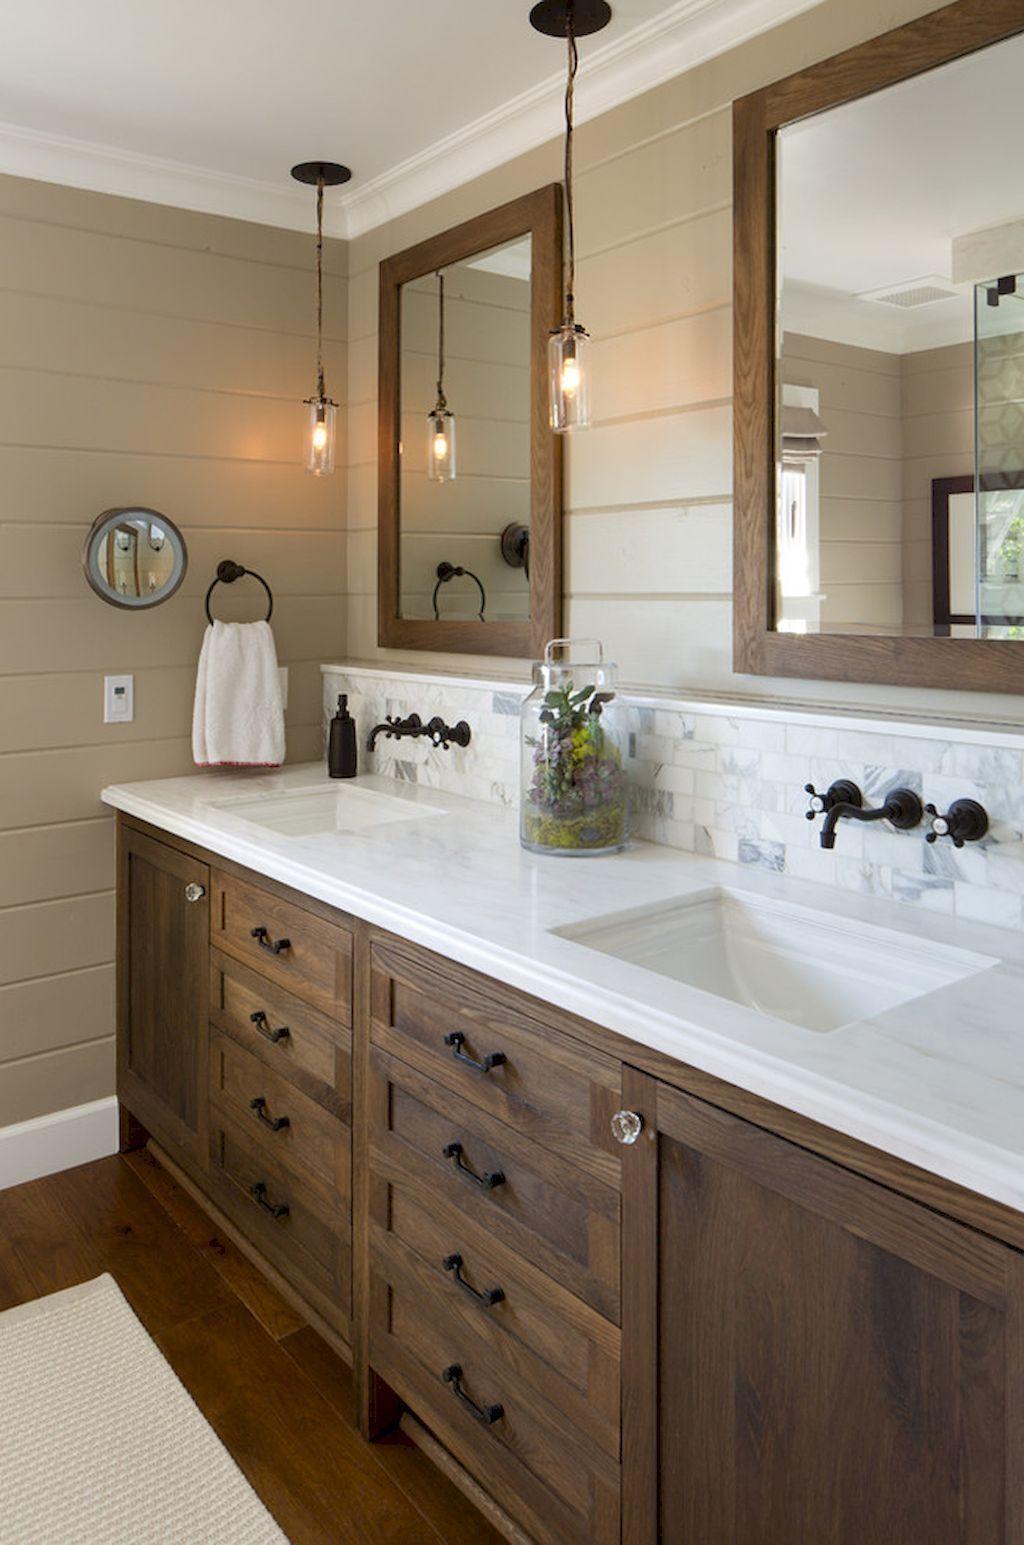 Badezimmer designs klein pin von sabrina täger auf einrichtung  pinterest  badezimmer